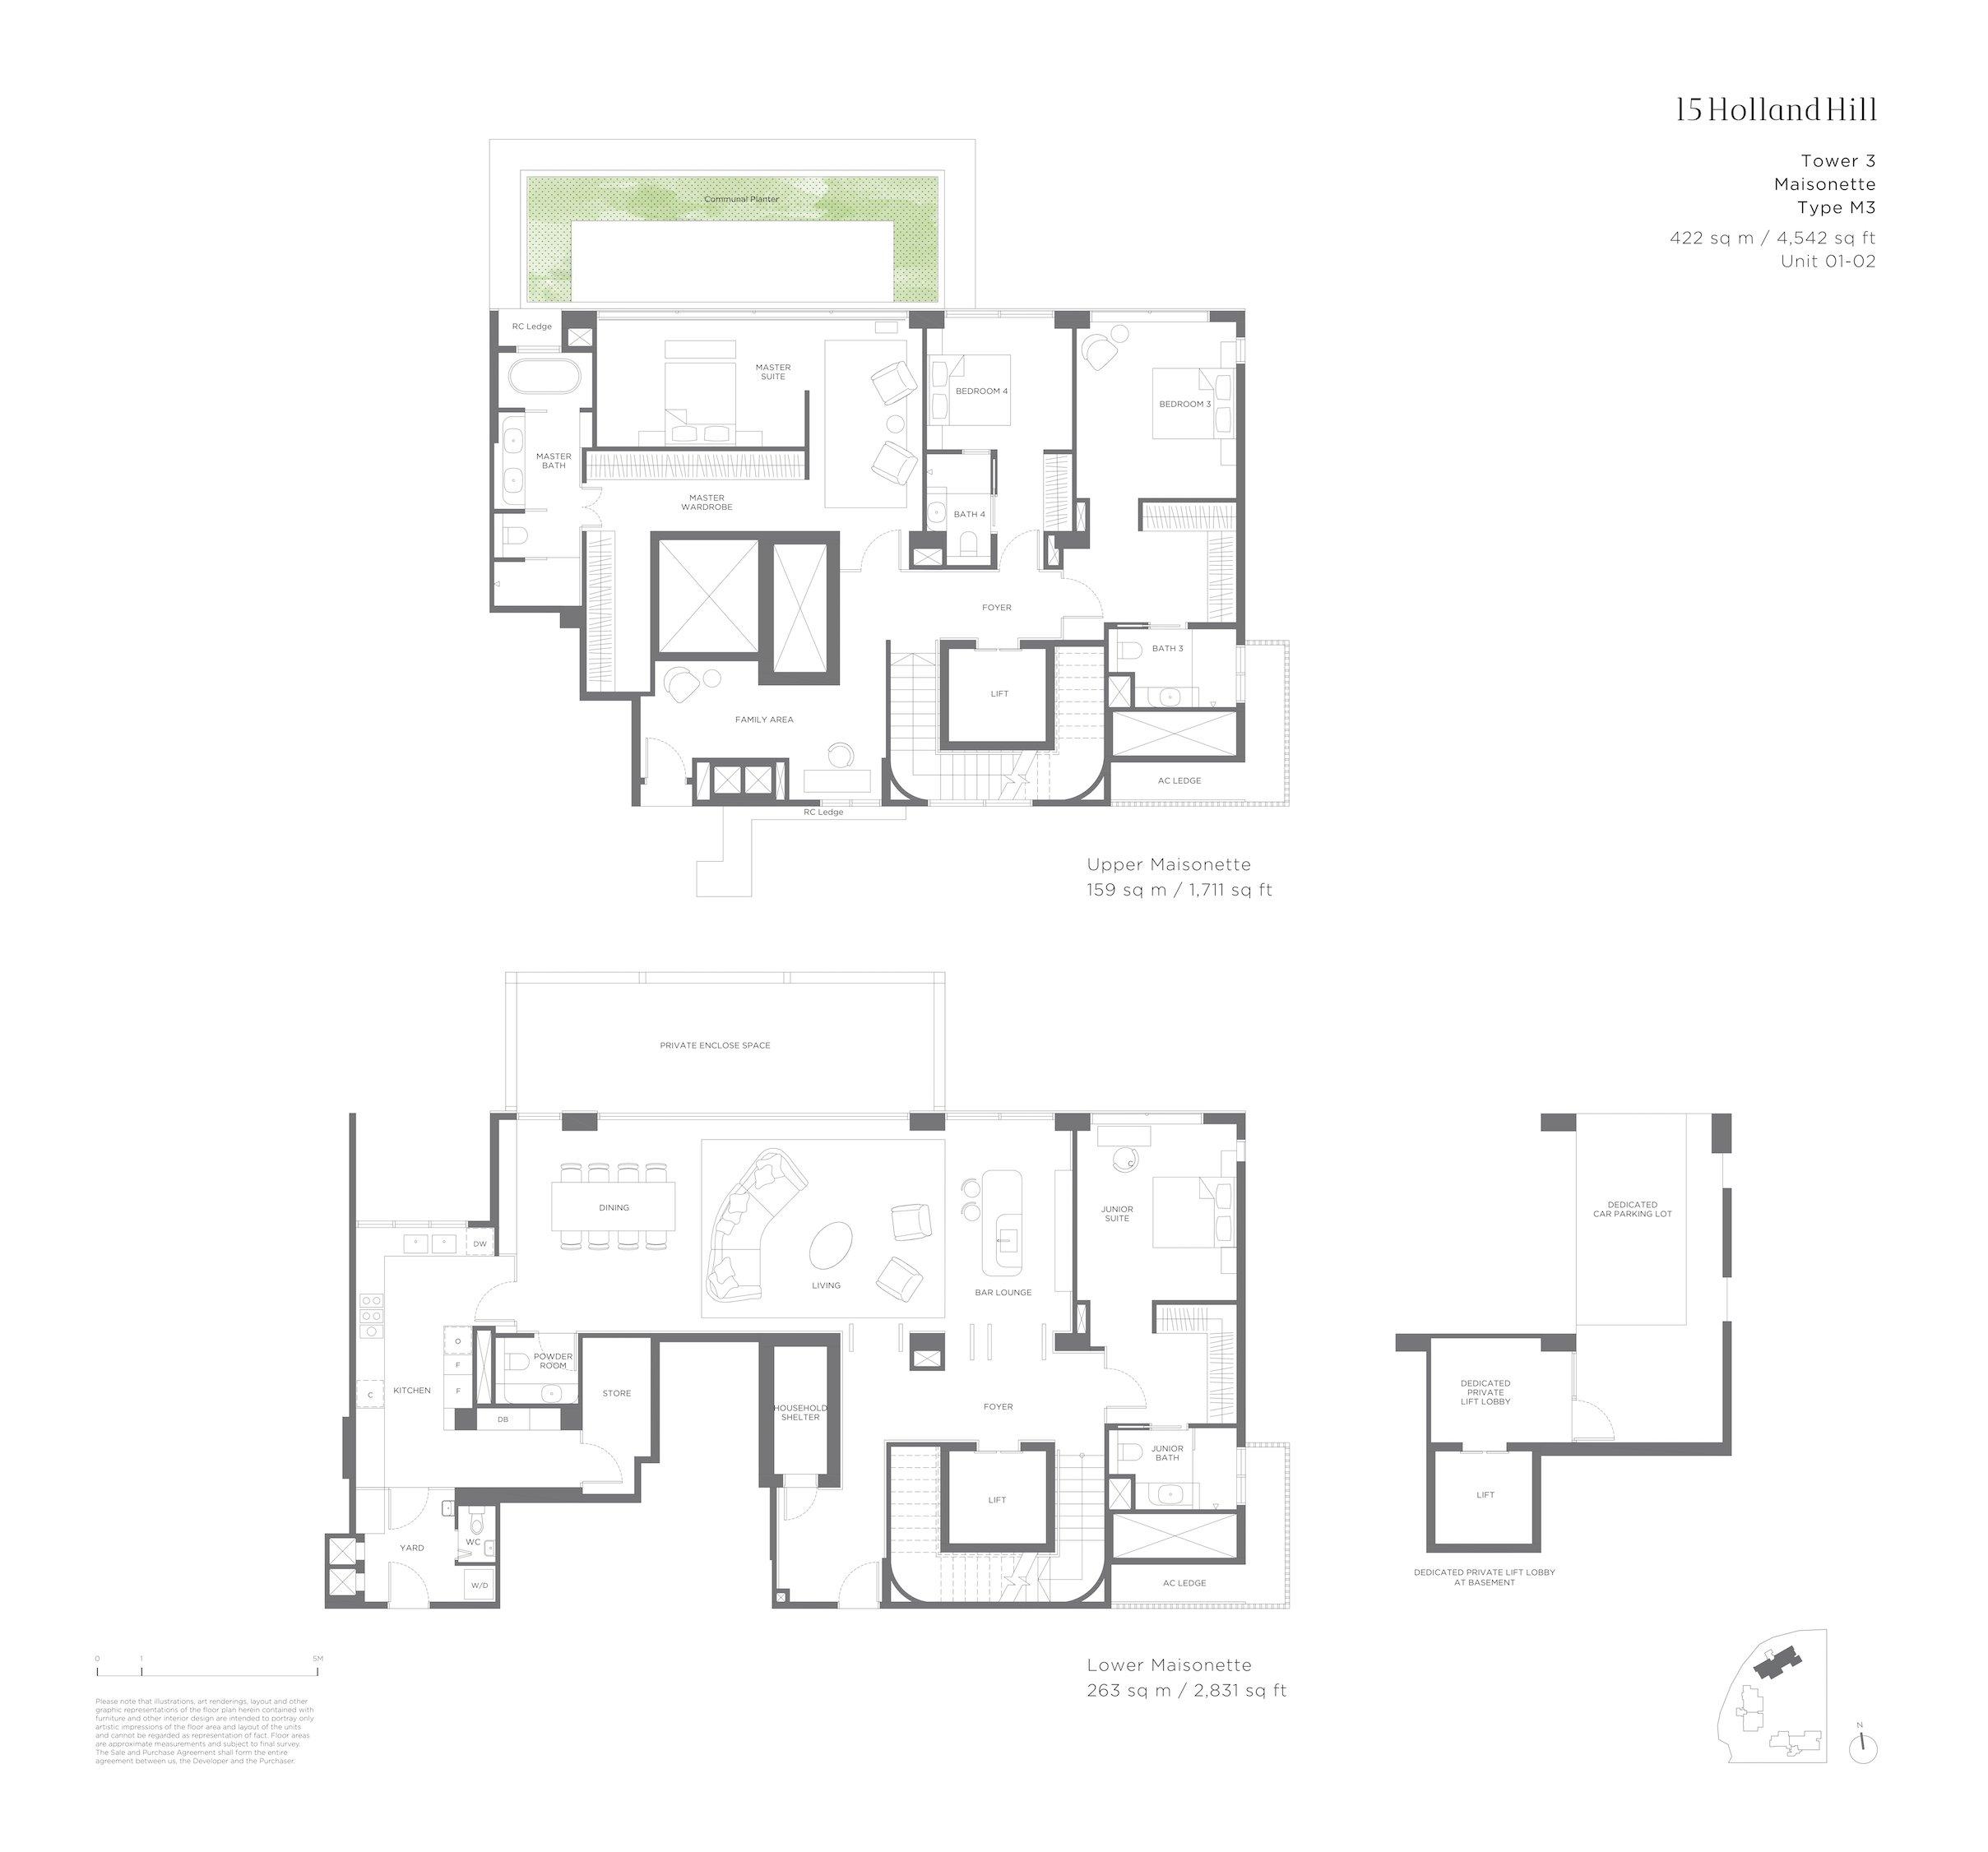 15 Holland Hill 荷兰山公寓 4-bedroom Maisonette m3